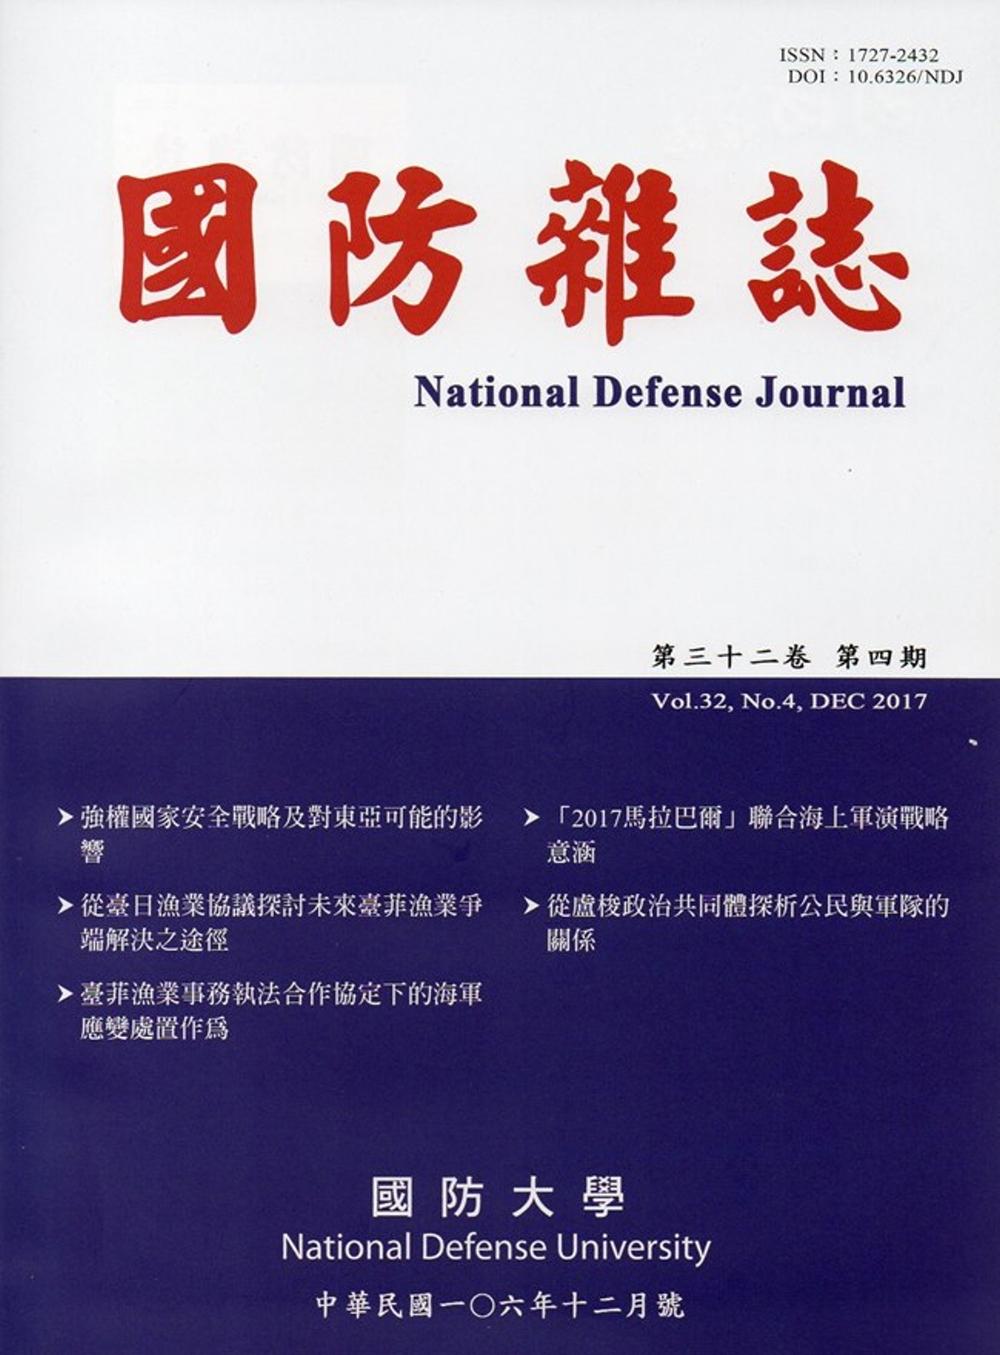 國防雜誌季刊第32卷第4期(2017.12)